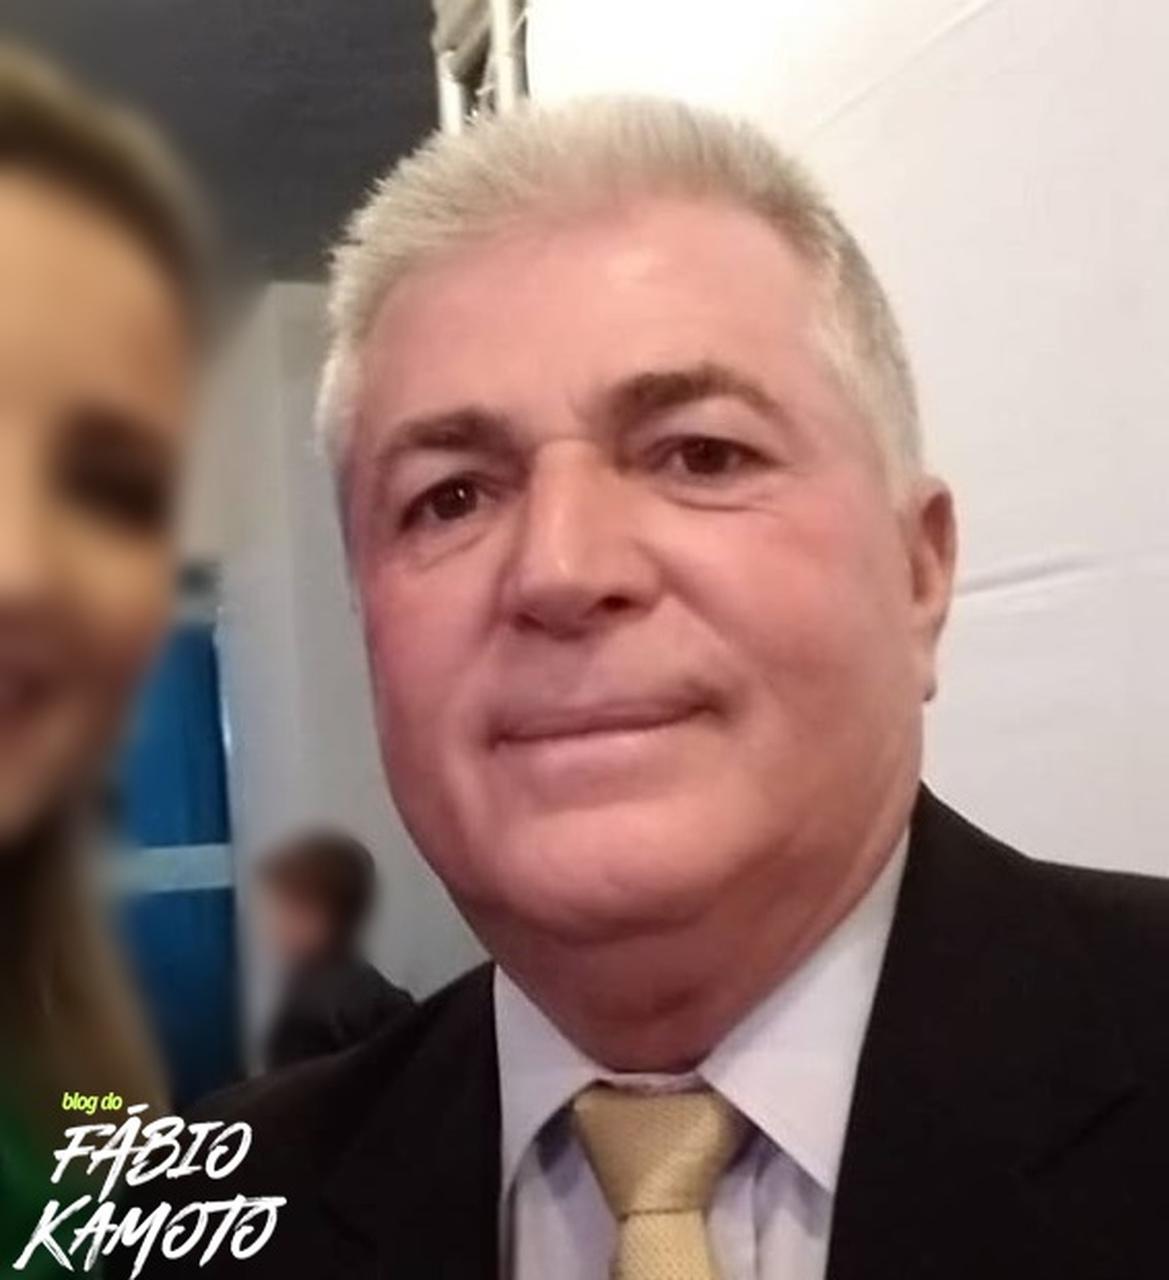 06082020 GERALDINHO Easy Resize.com - POMBAL DE LUTO: Morre aos 63 anos o ex-vice-prefeito, Dr. Geraldinho, vítima de Covid-19